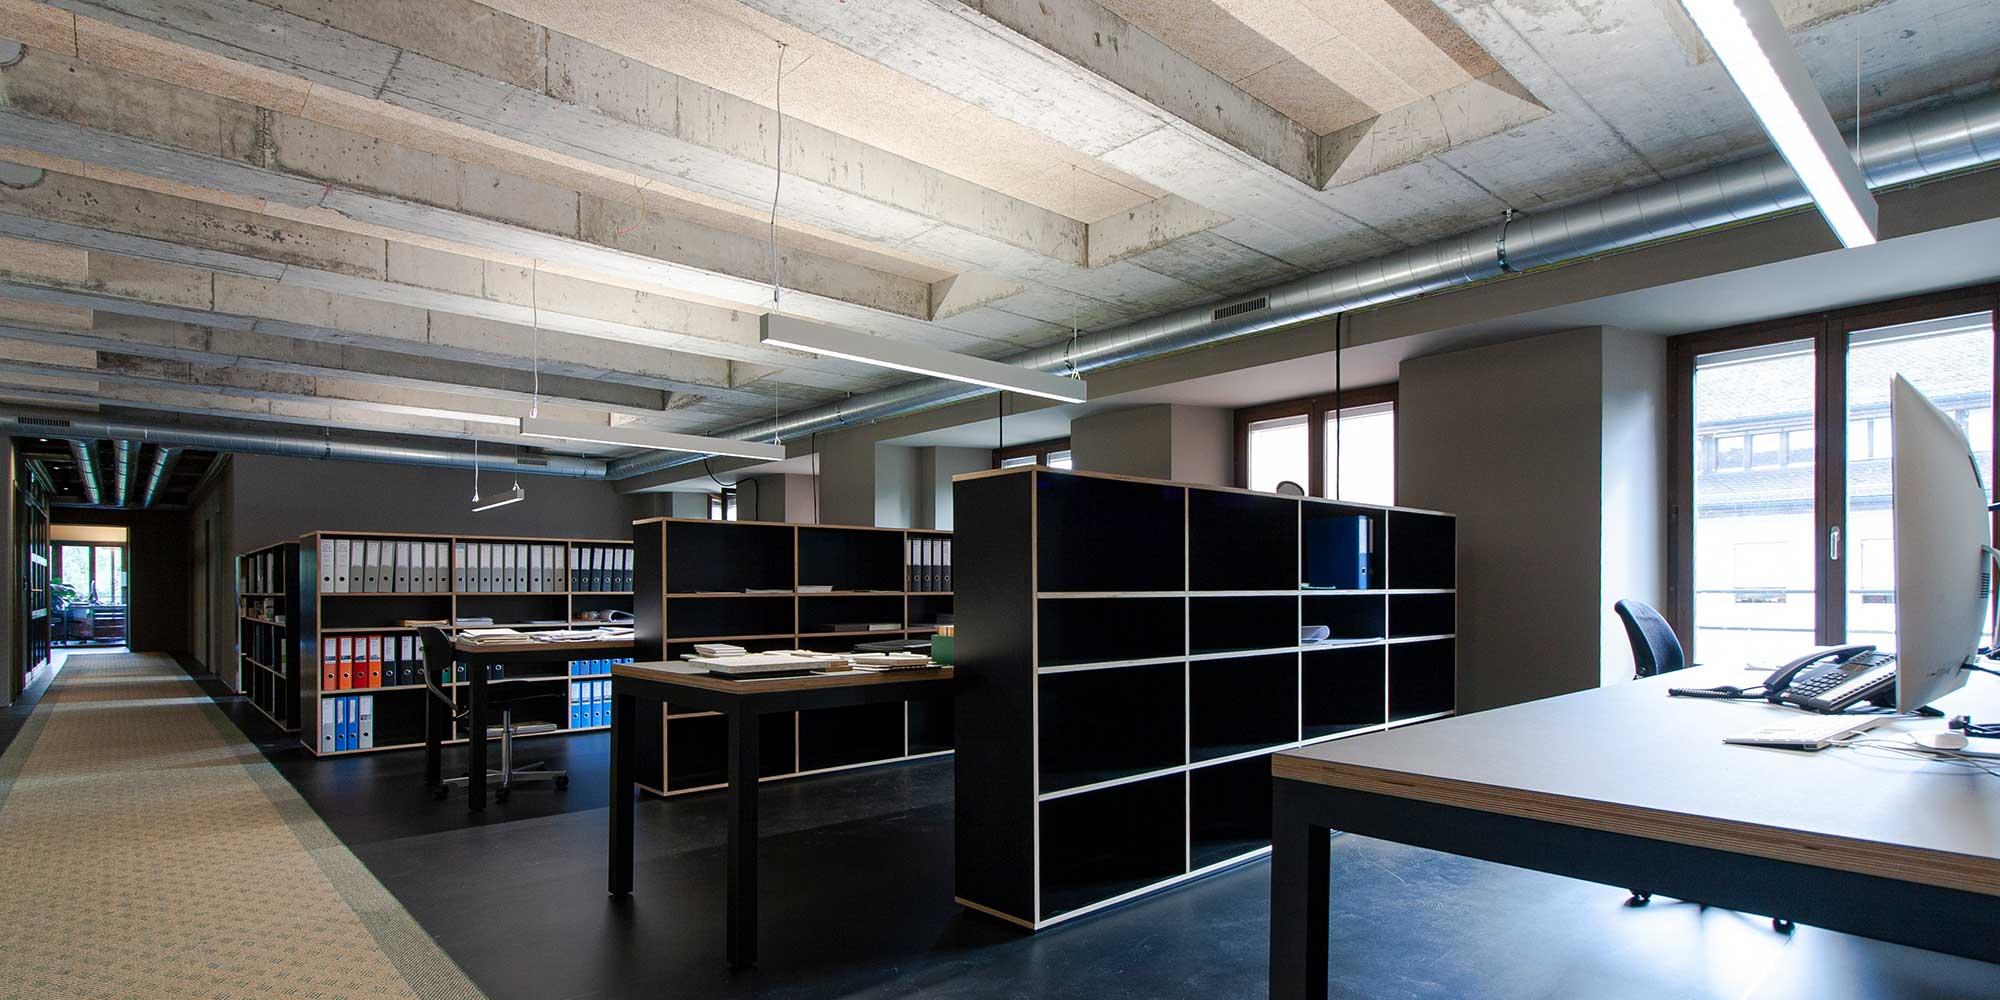 Grossraumbüro beleuchtet mit Matric R3 Pendelleuchte von Lightnet